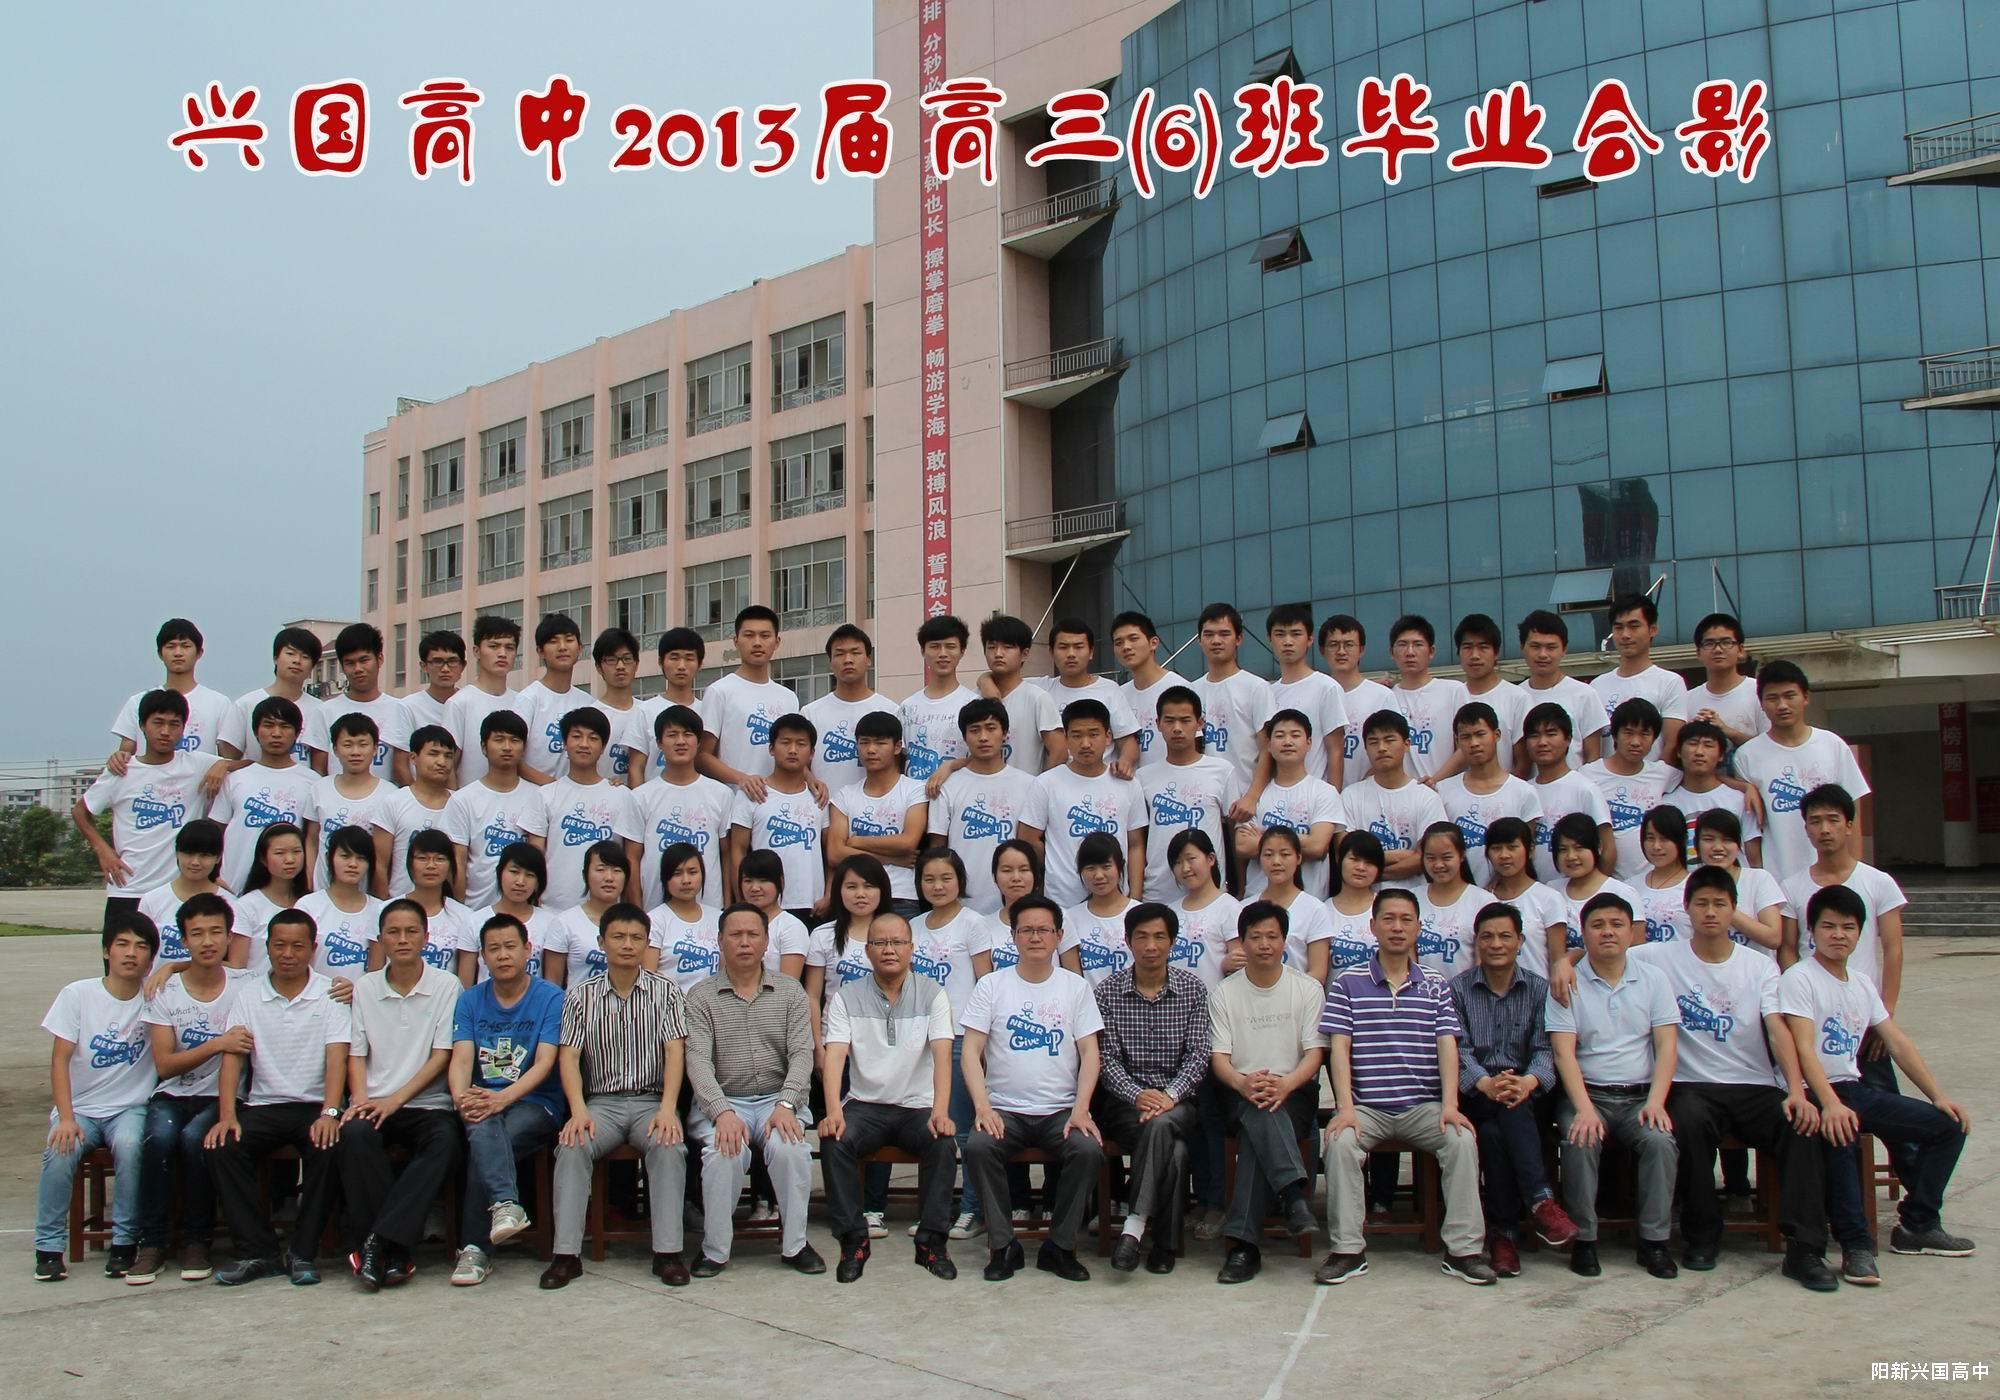 2013届三(6)班同学